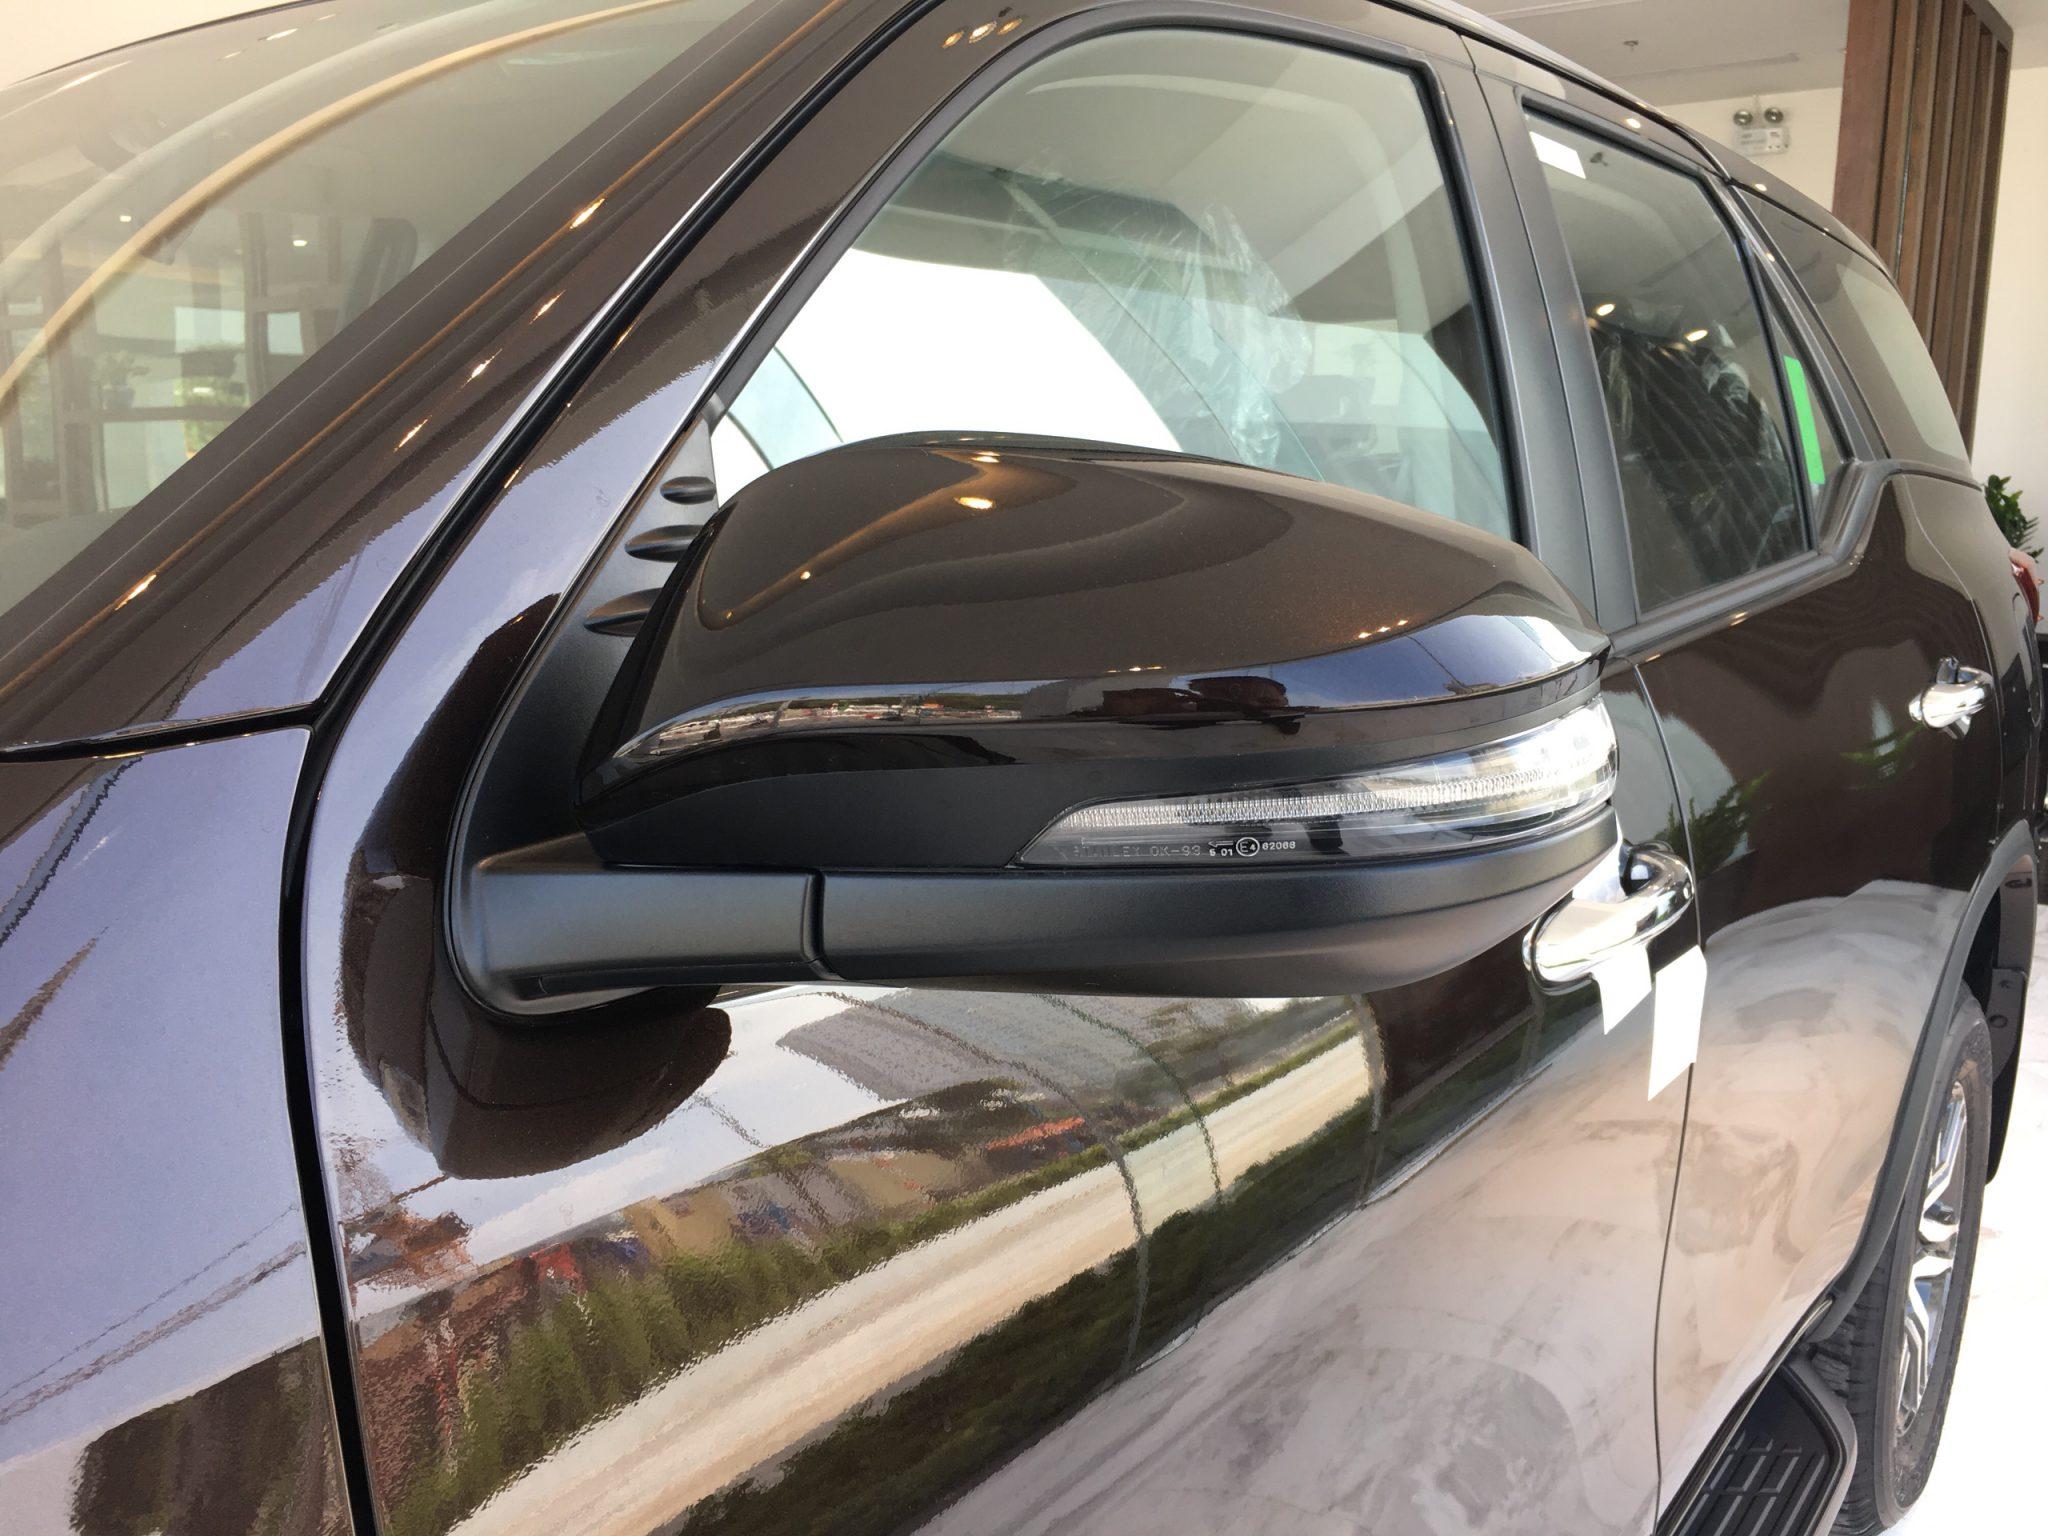 Gương chiếu hậu xe Fortuner - Fortuner 2.7 V 4x2 AT [hienthinam]: giá xe và khuyến mãi mới